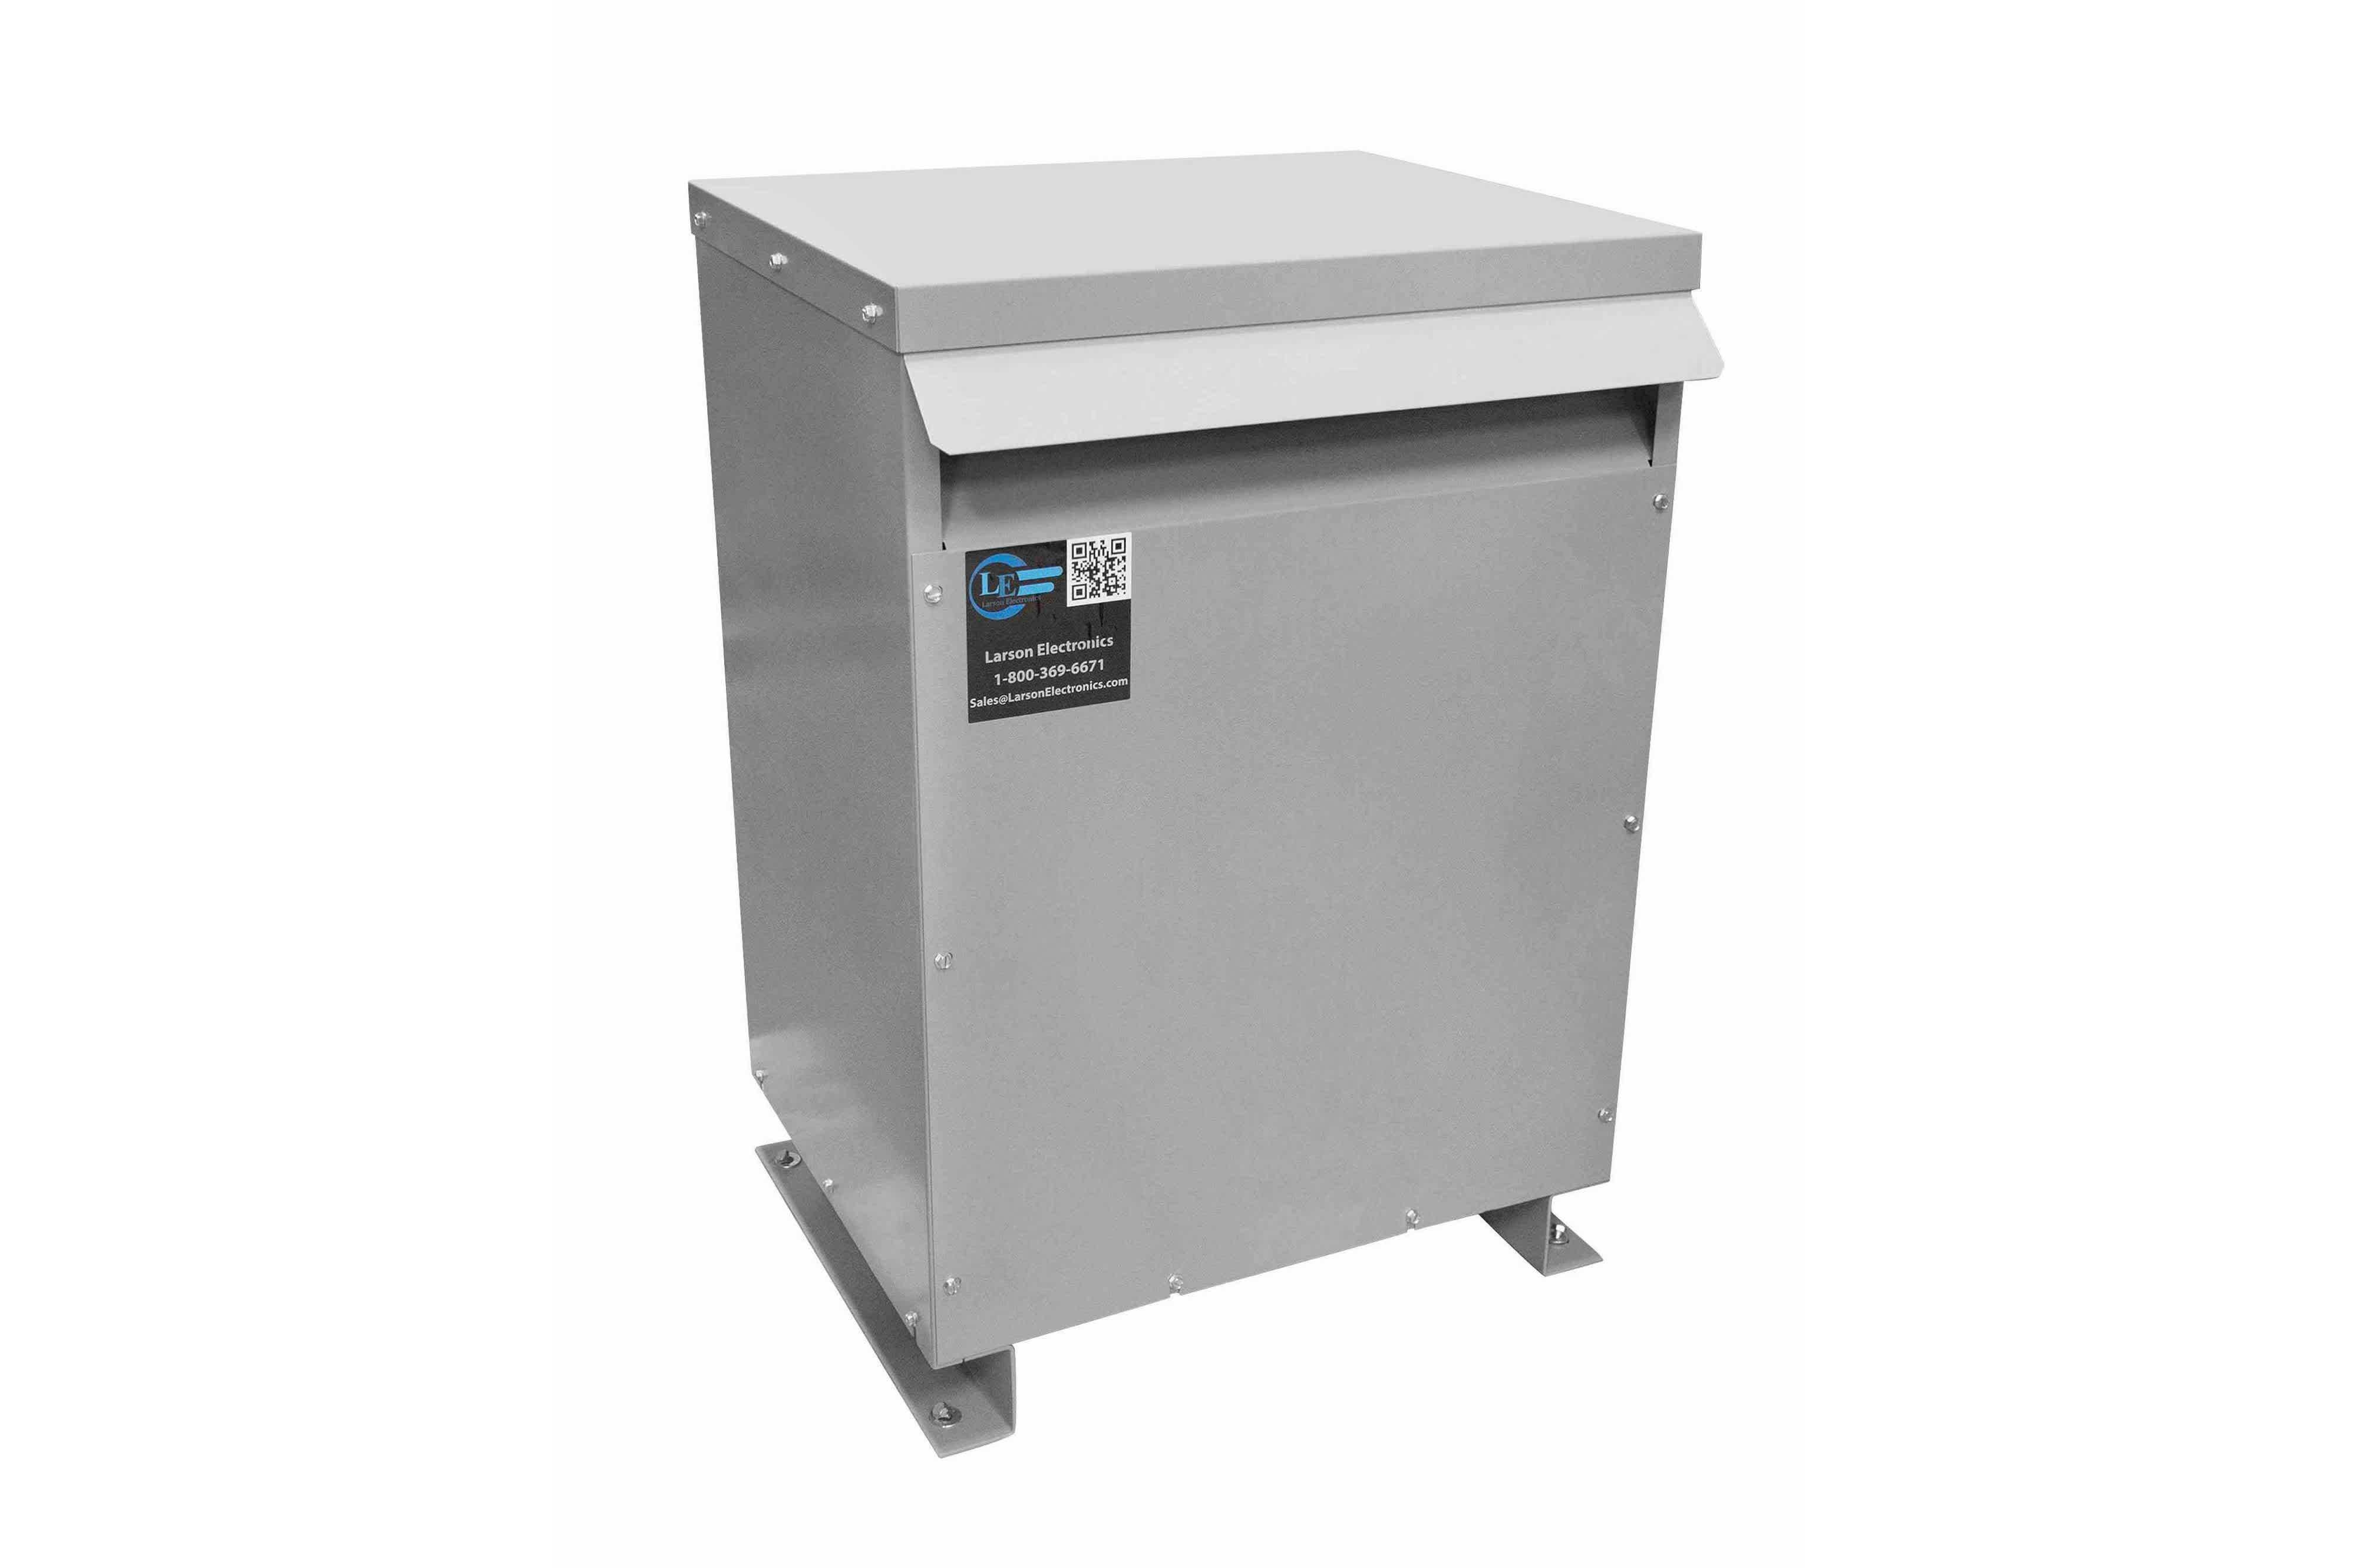 38 kVA 3PH Isolation Transformer, 400V Delta Primary, 208V Delta Secondary, N3R, Ventilated, 60 Hz